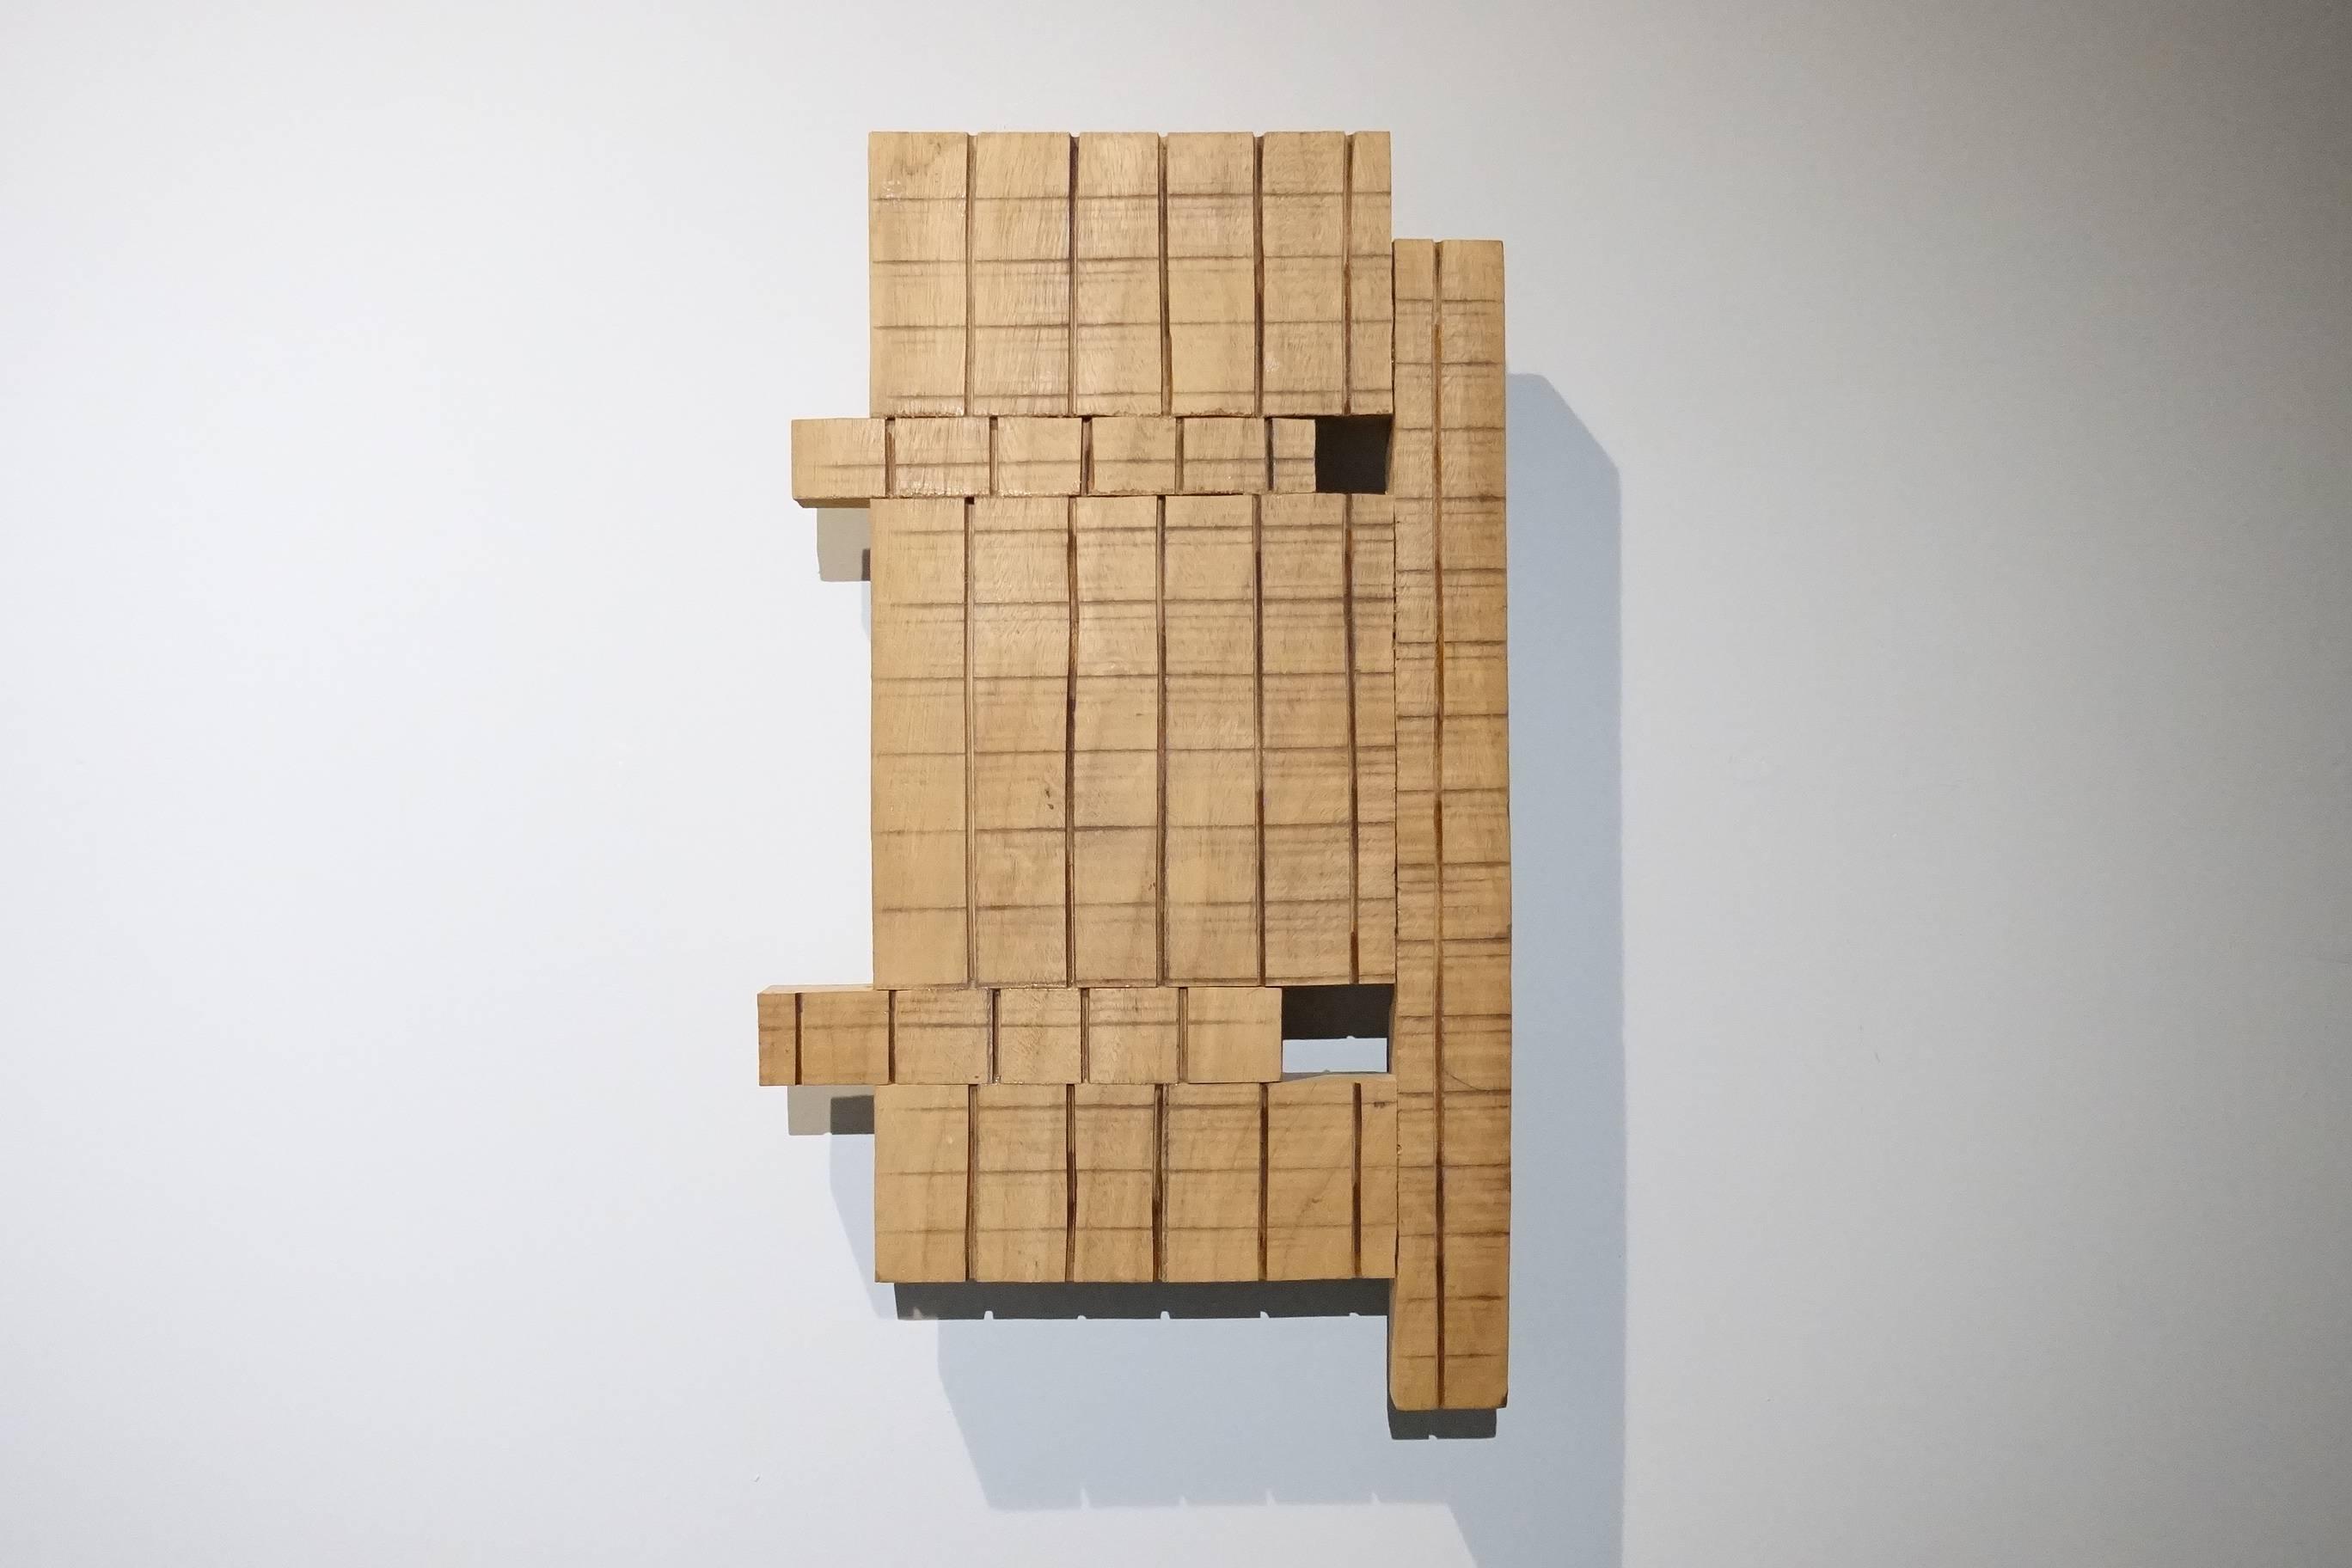 菅木志雄 (SUGA Kishio )作品《分化與聚合》。